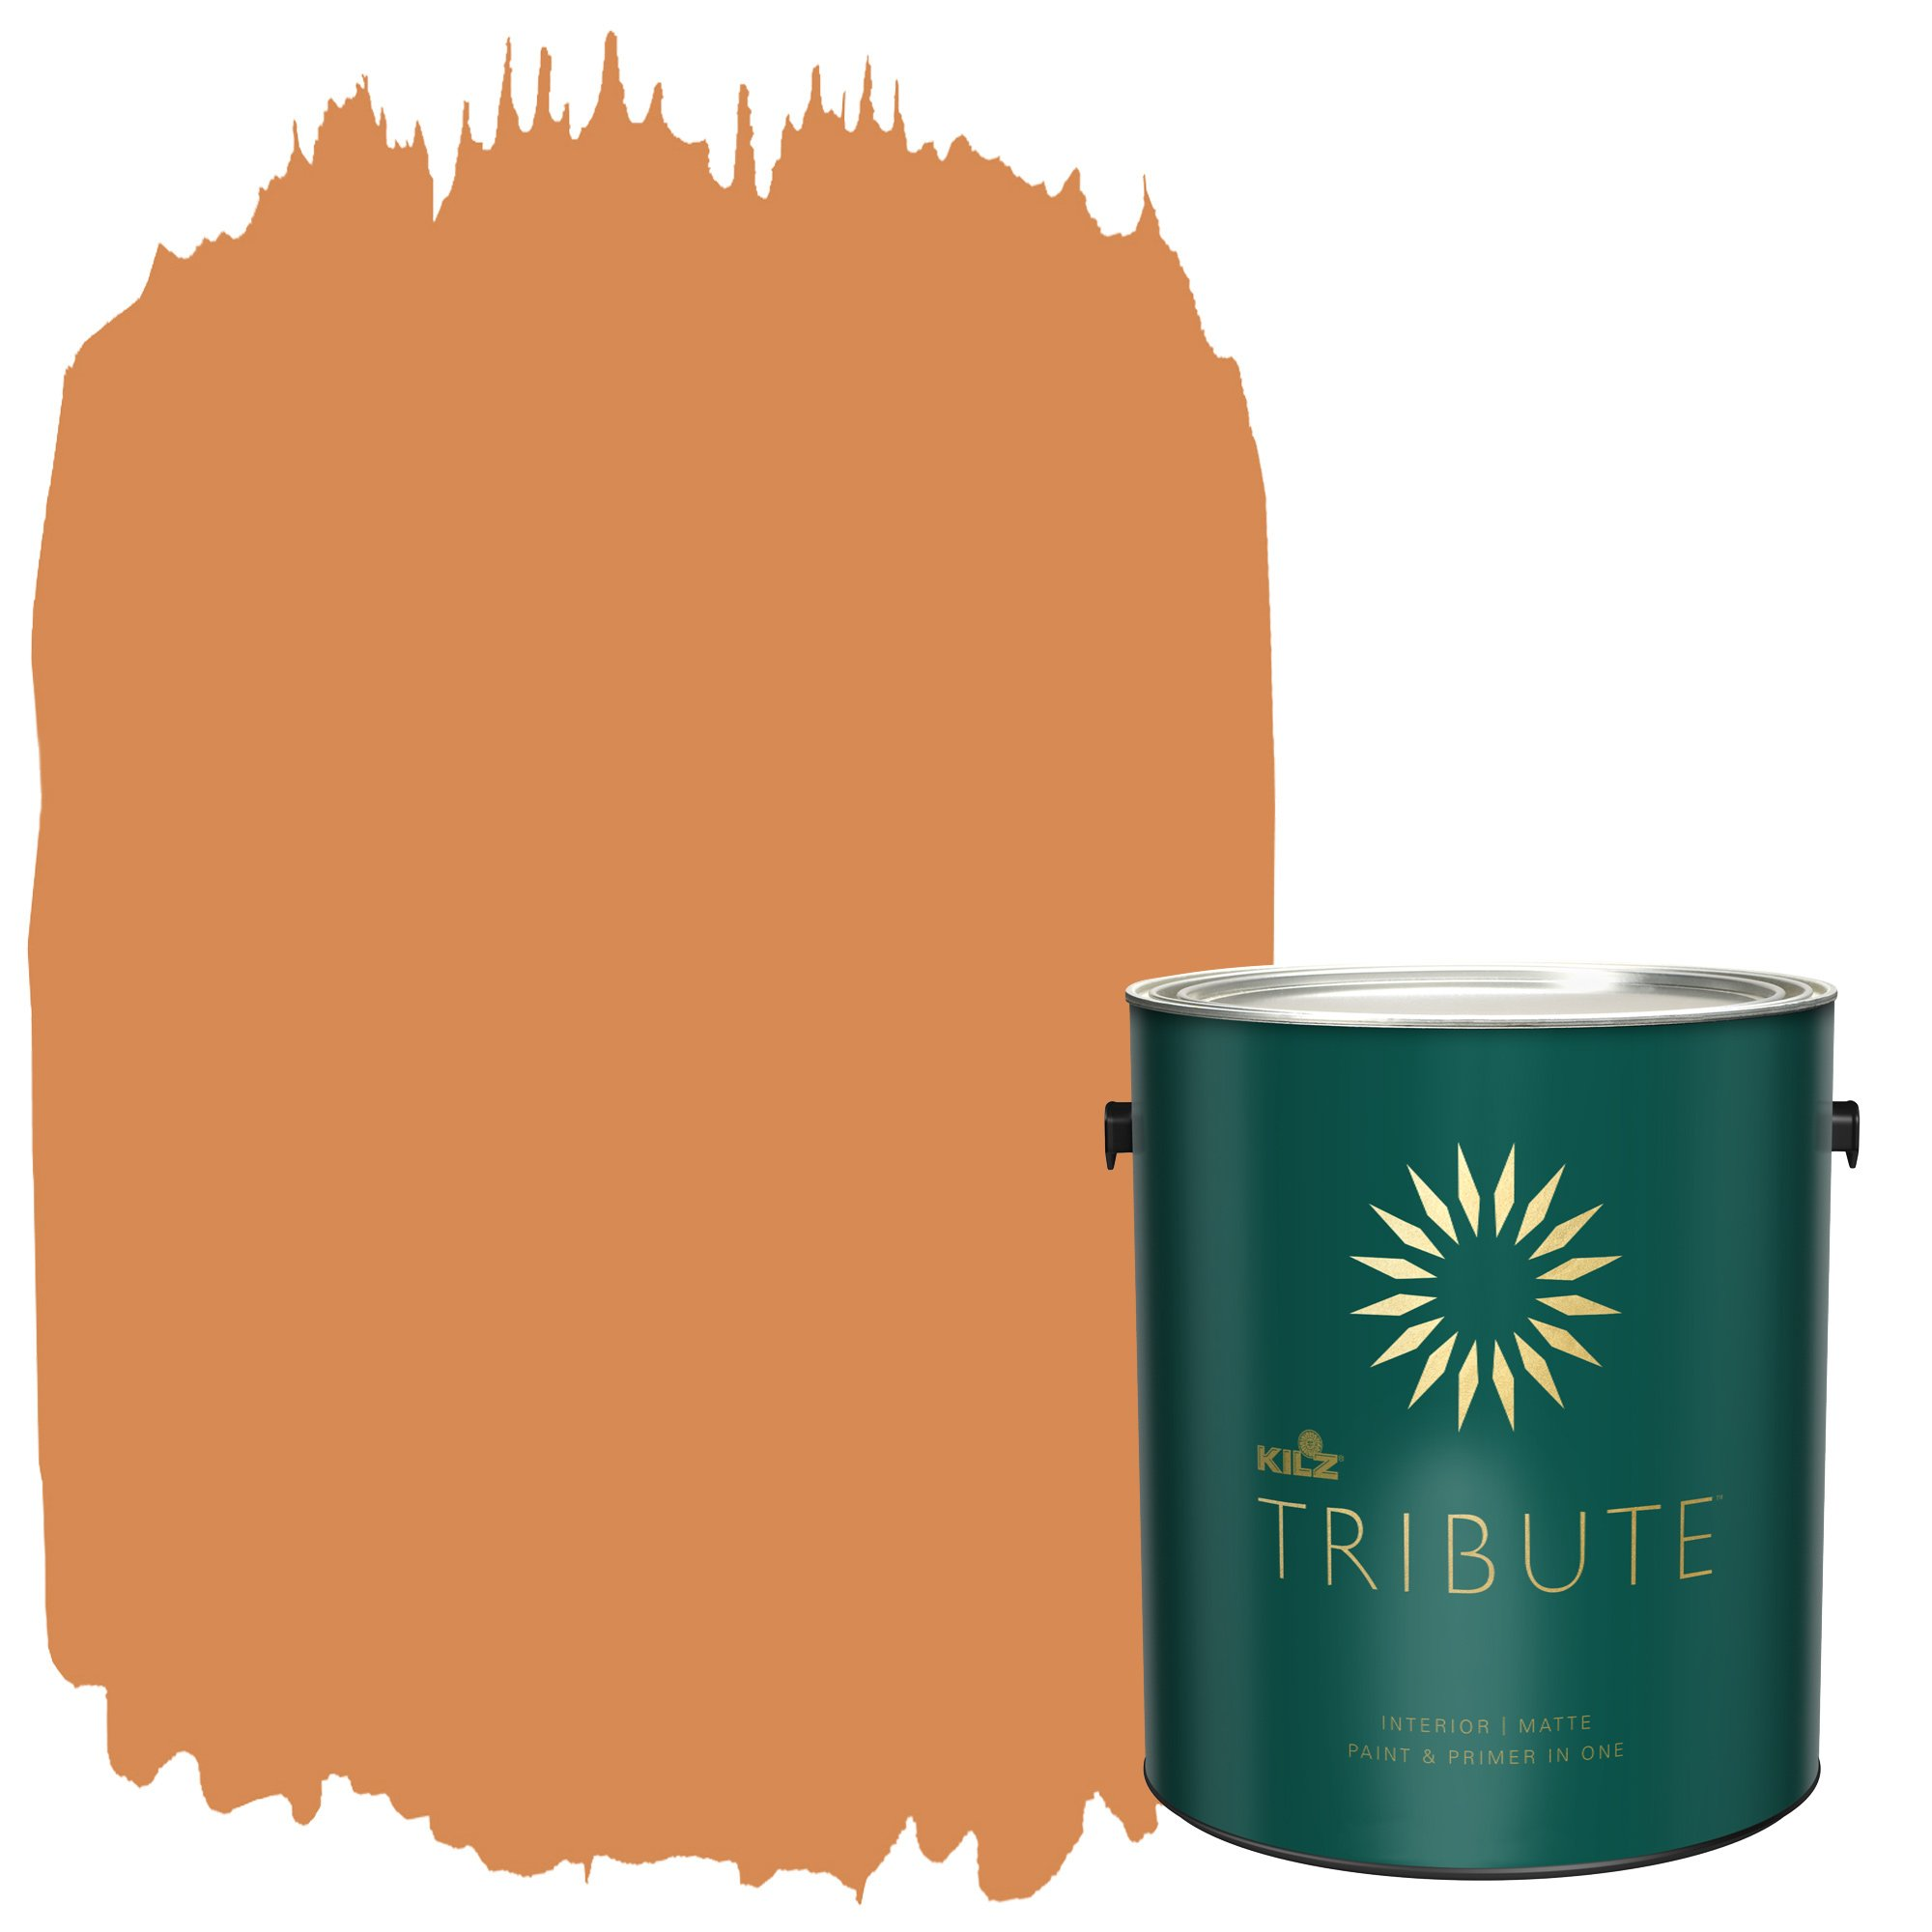 KILZ TRIBUTE Interior Matte Paint and Primer in One, 1 Gallon, Bright Marigold (TB-95)